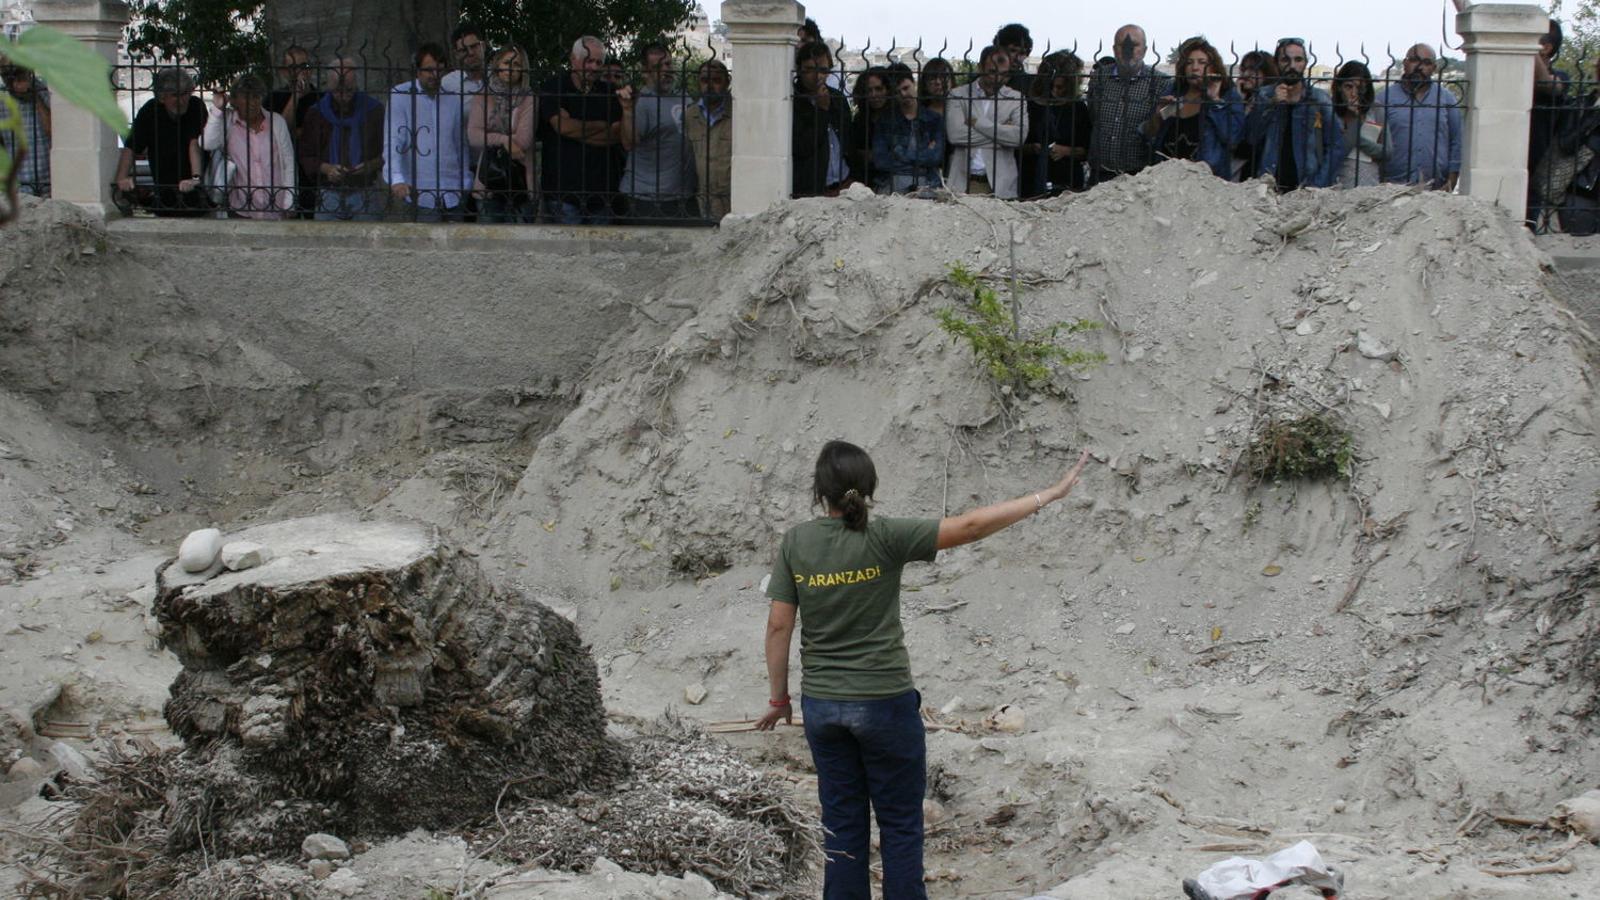 La directora del projecte d'excavació a Montuïri, Francisca Cardona, explicant als polítics la feina feta fins ara.